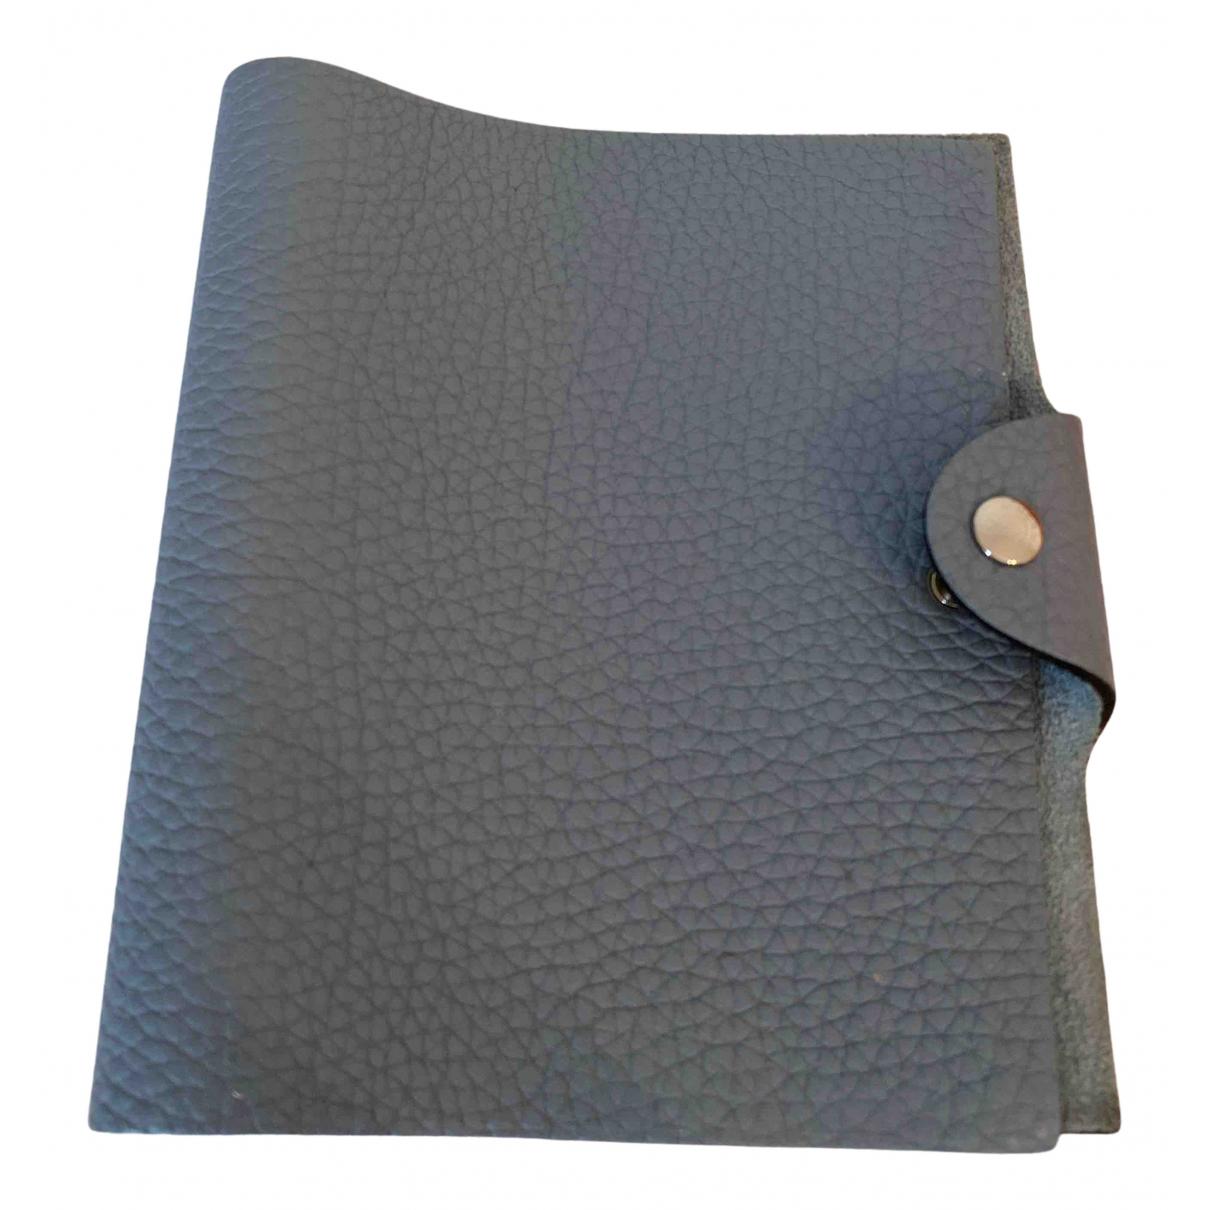 Hermes - Objets & Deco Ulysse PM pour lifestyle en cuir - bleu